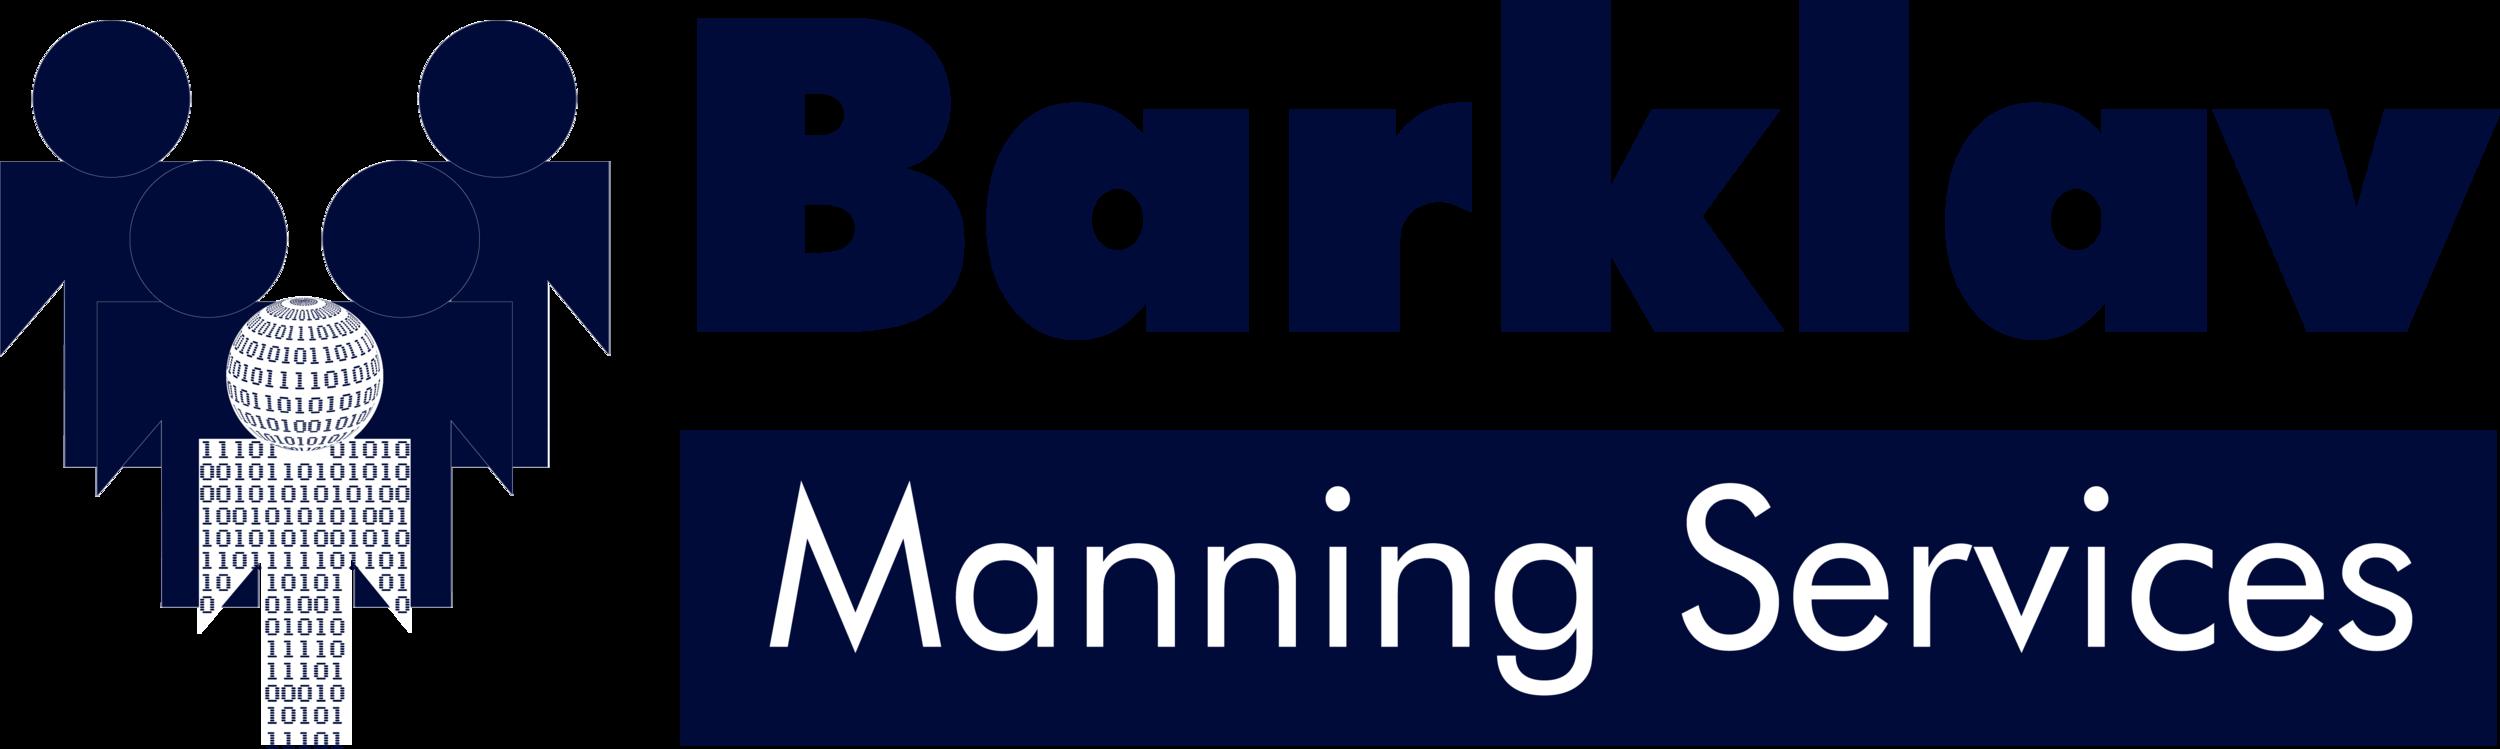 barklav_manning_services.png